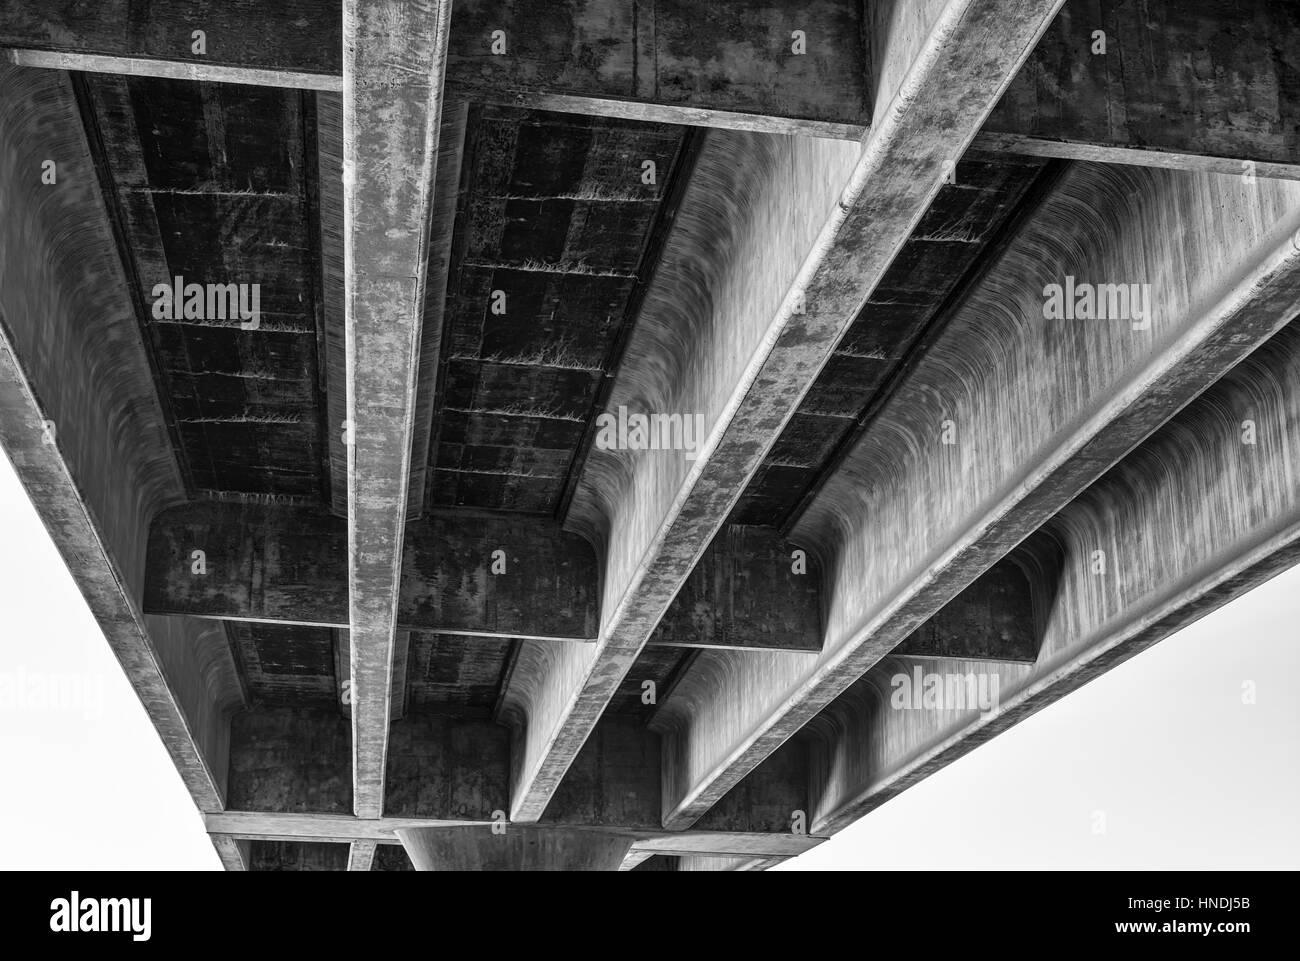 Ingraham Street Bridge, San Diego, California, USA. Stock Photo